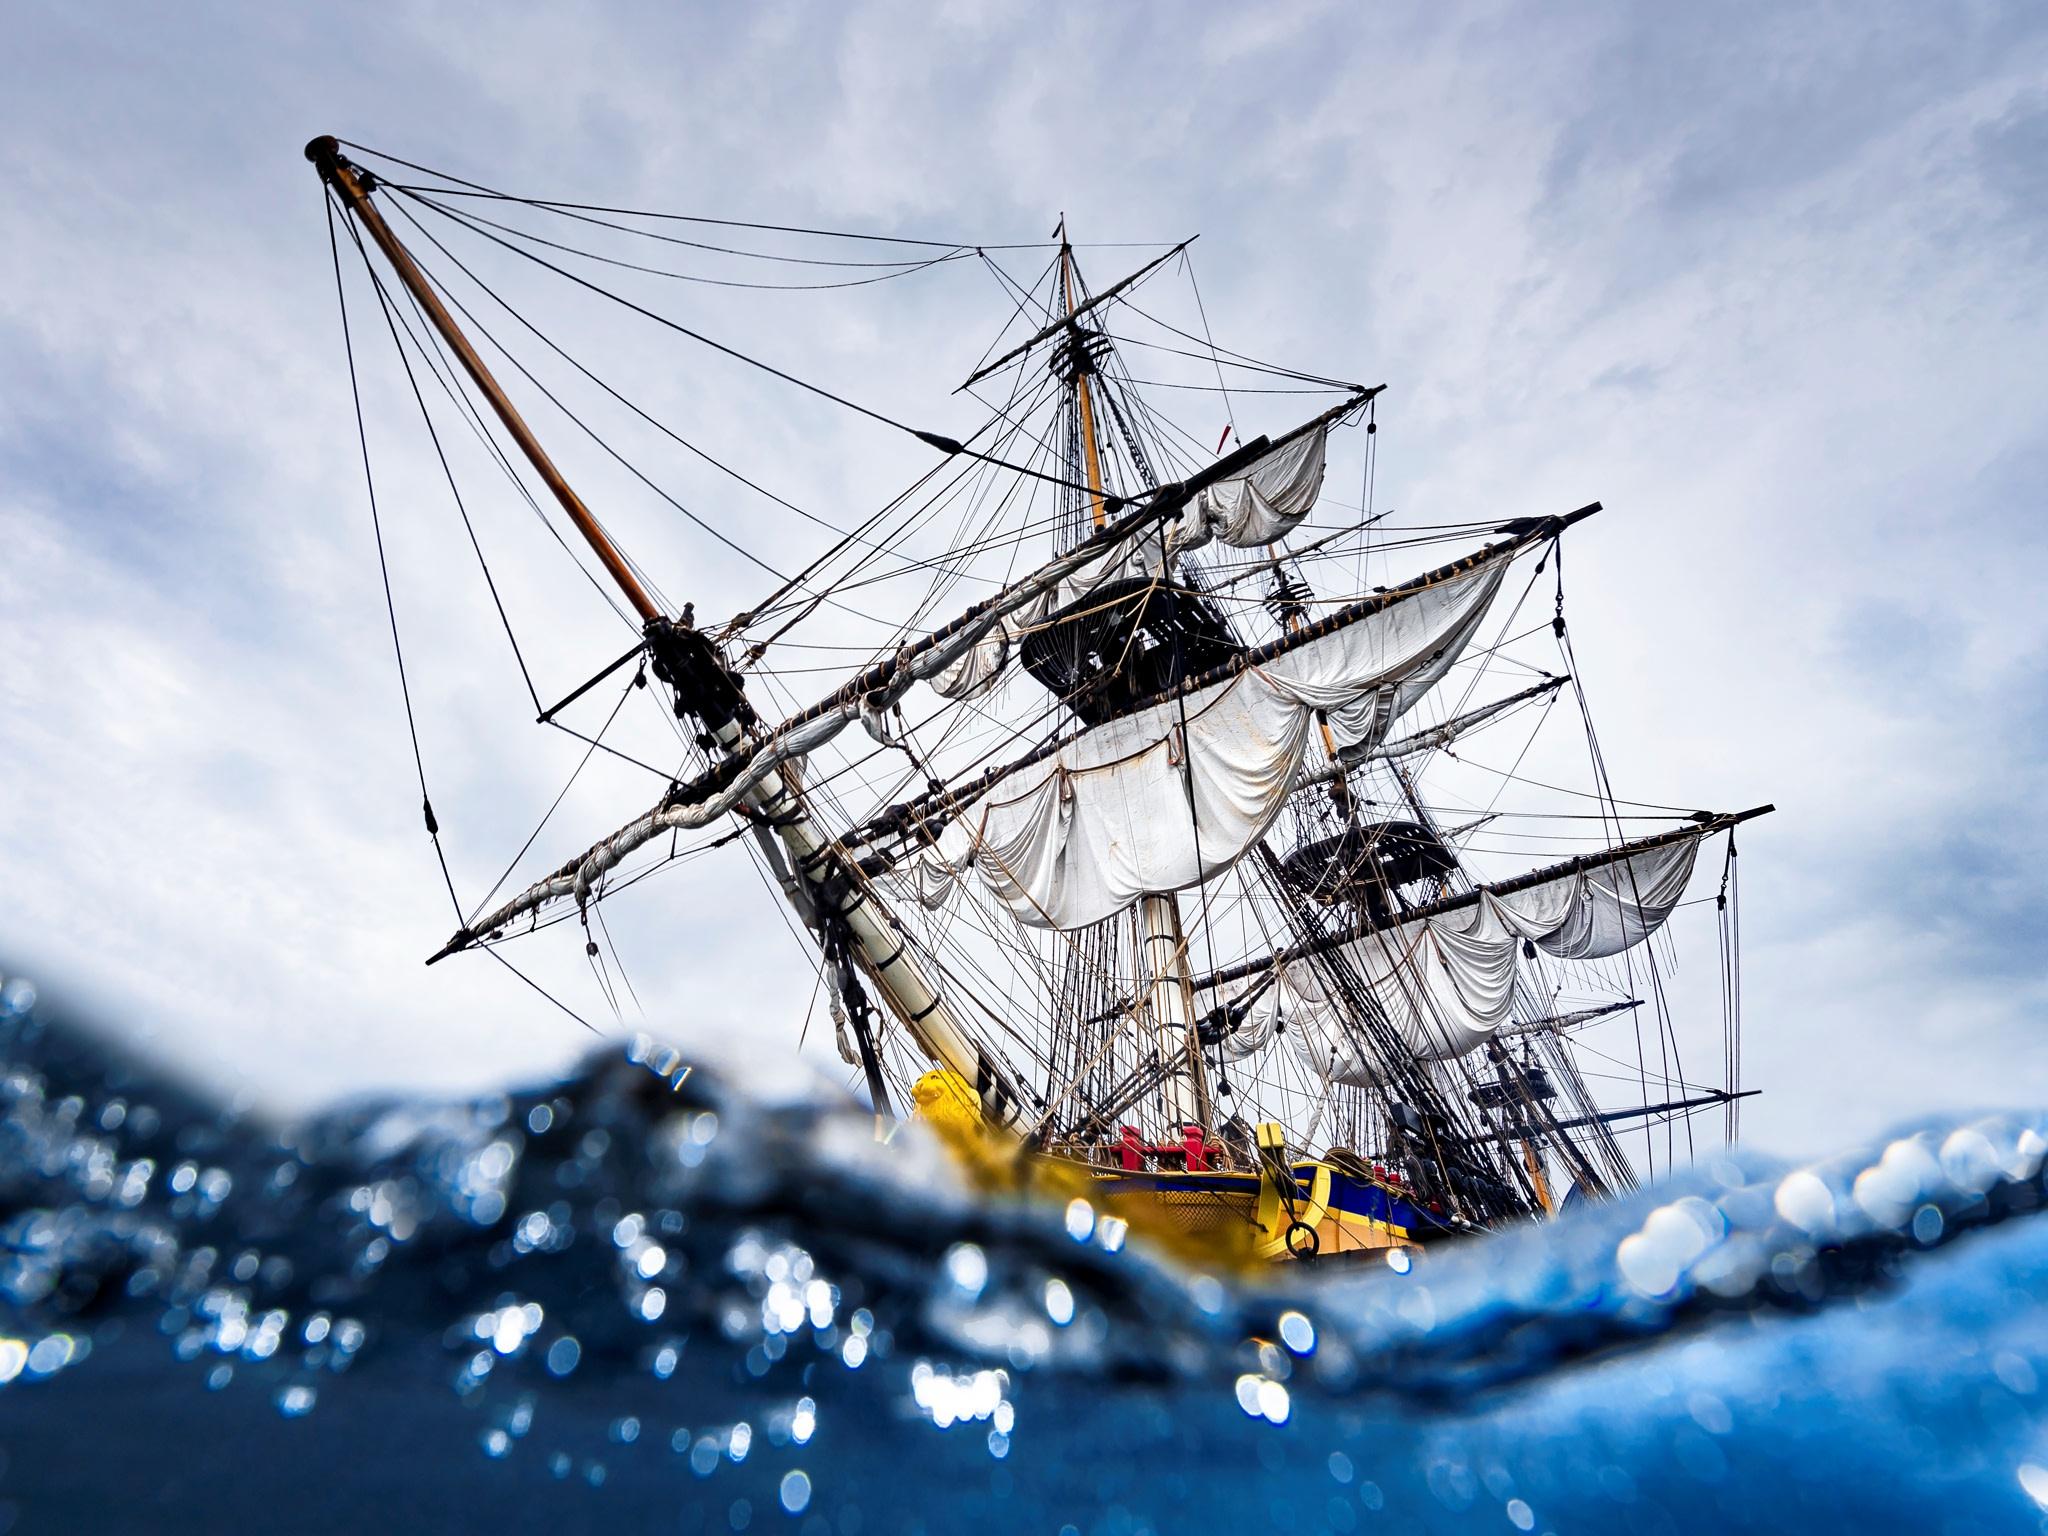 Photographie de bateau 1286